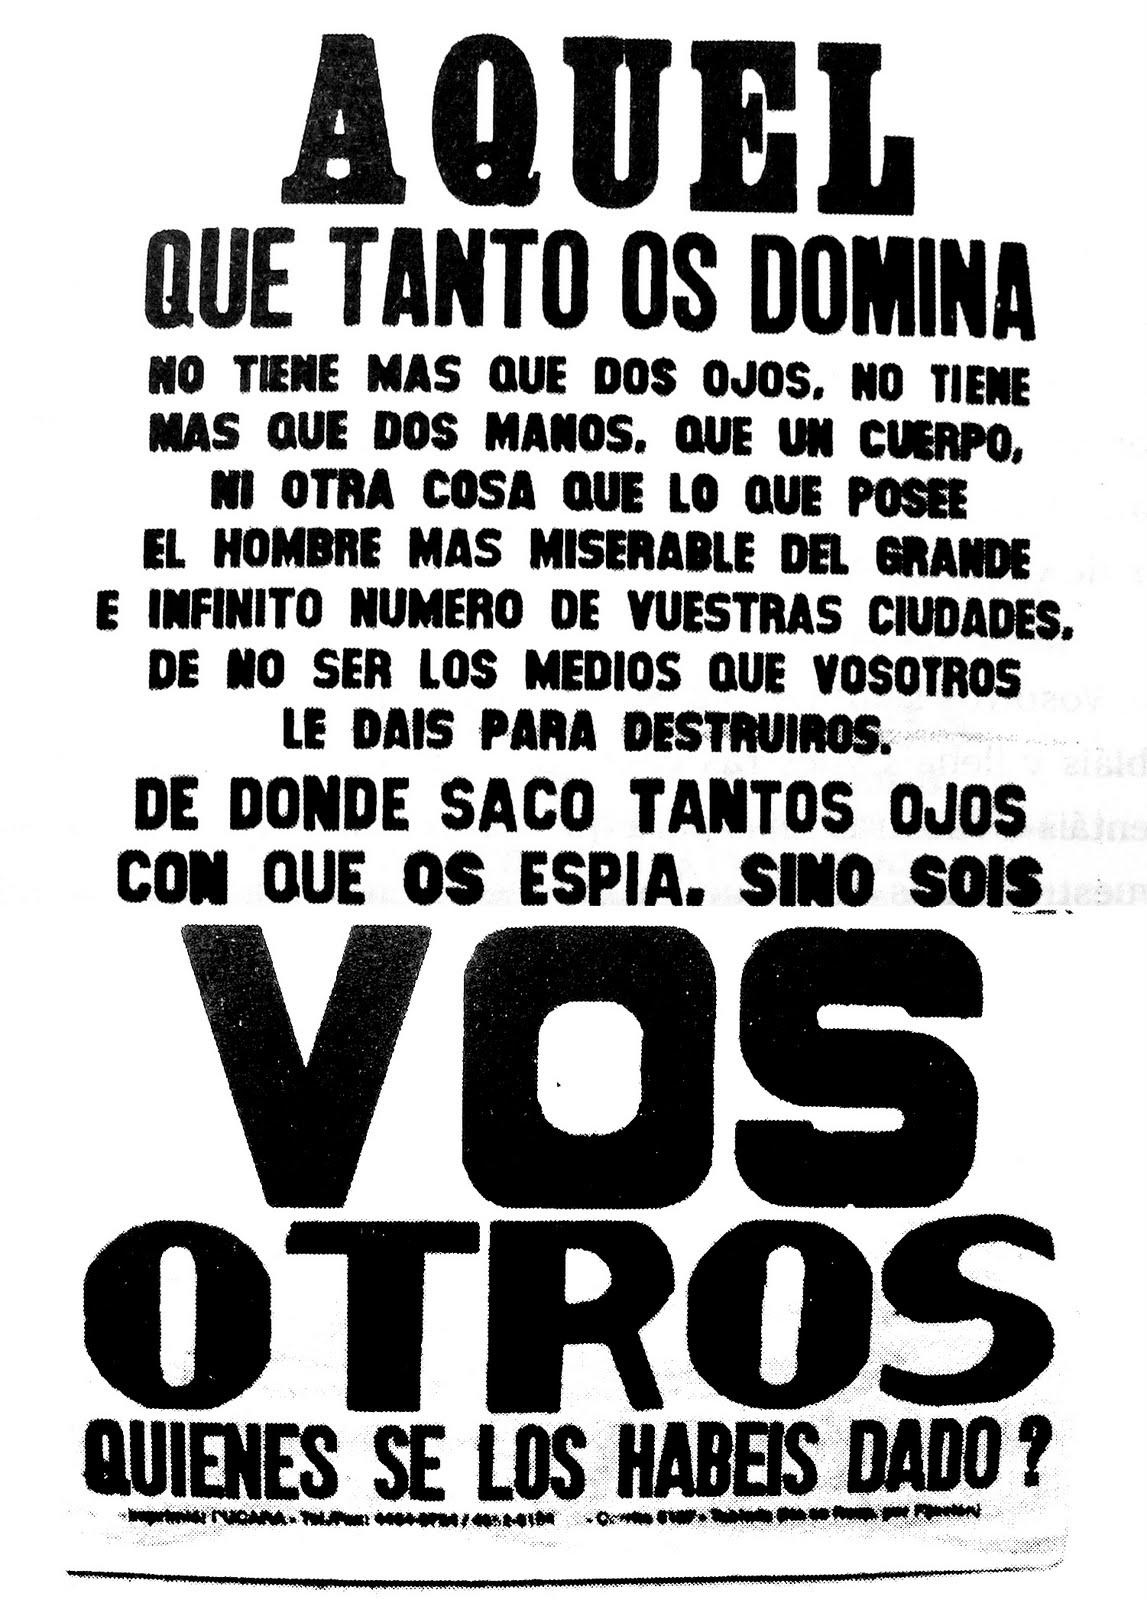 Democracia: la opresion y robo a la minoria por la mayoria, y la eleccion de nuestros dictadores Etienne+de+la+Boetie+1548+-+3